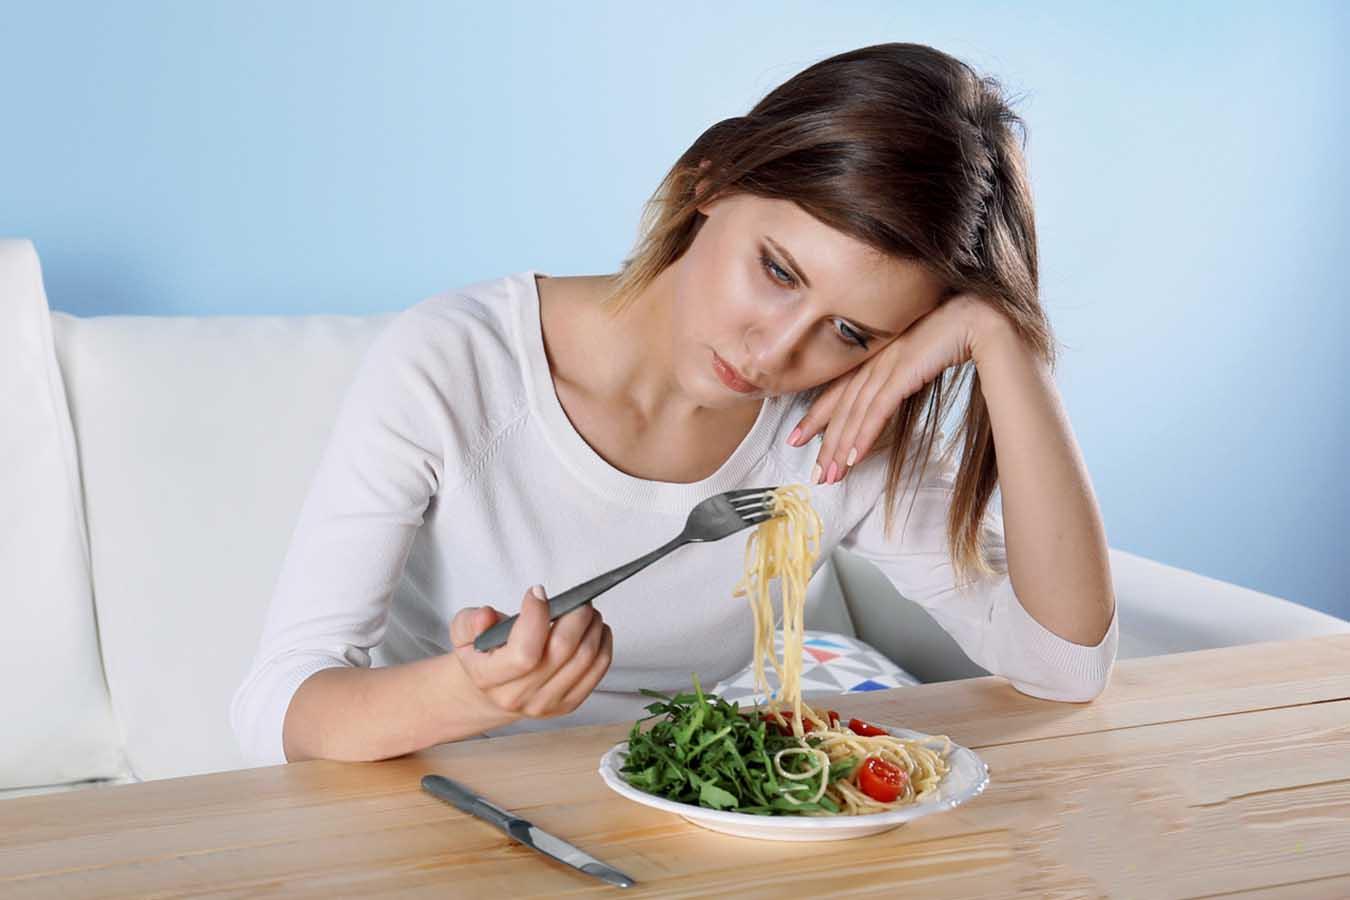 Ψυχογενής ορθορεξία: Η εμμονή με την υγιεινή διατροφή